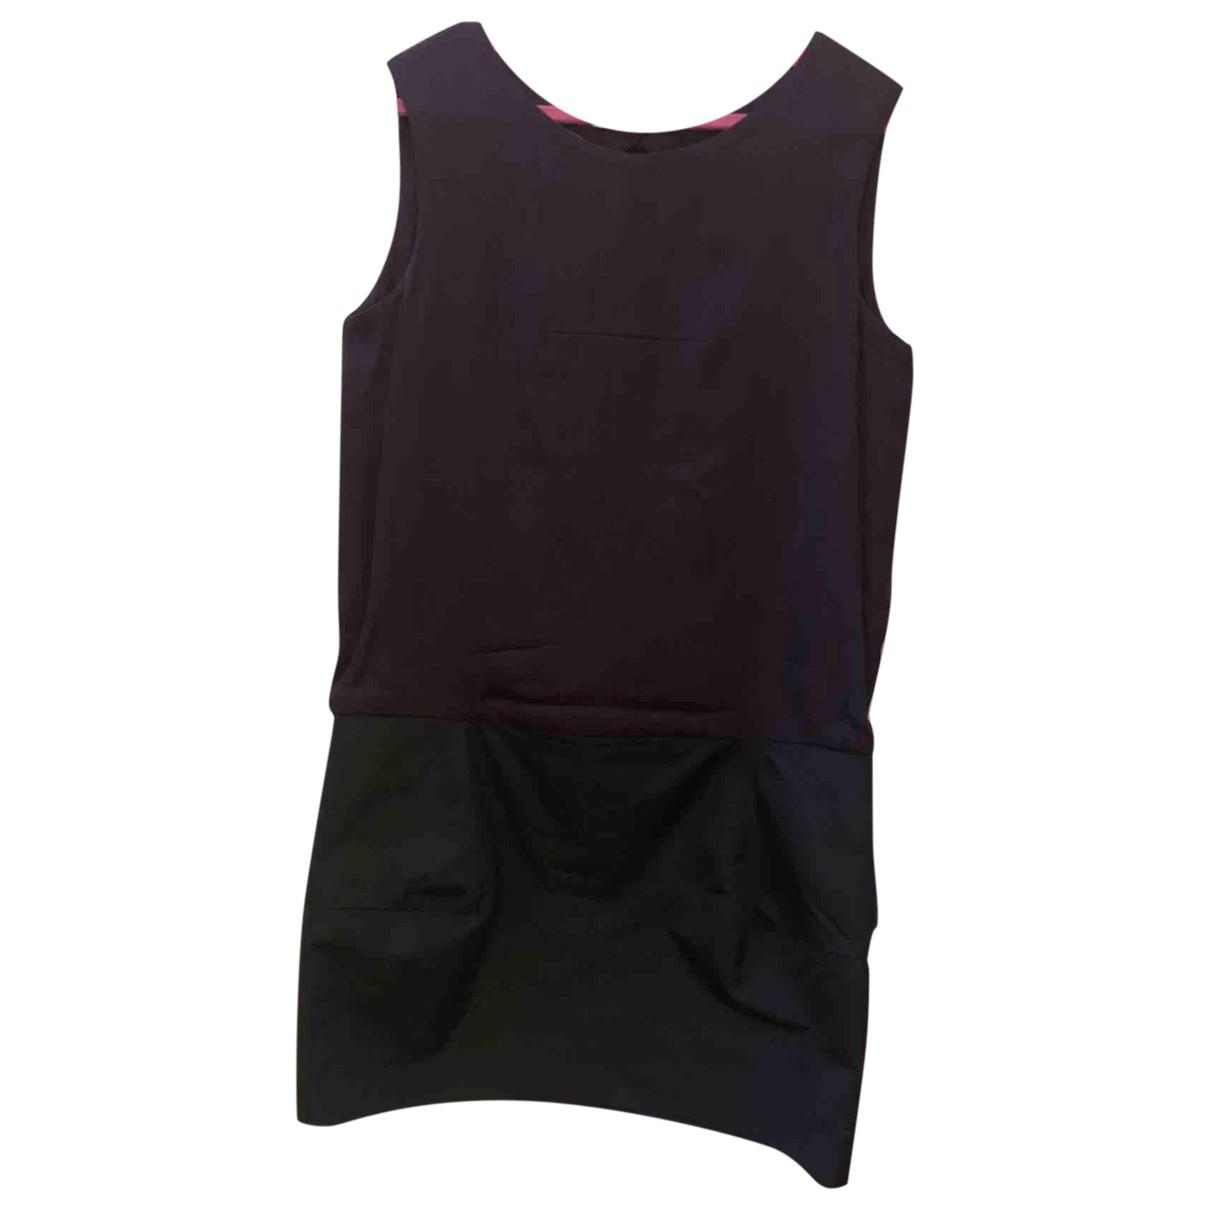 Marni \N Kleid in  Lila Seide